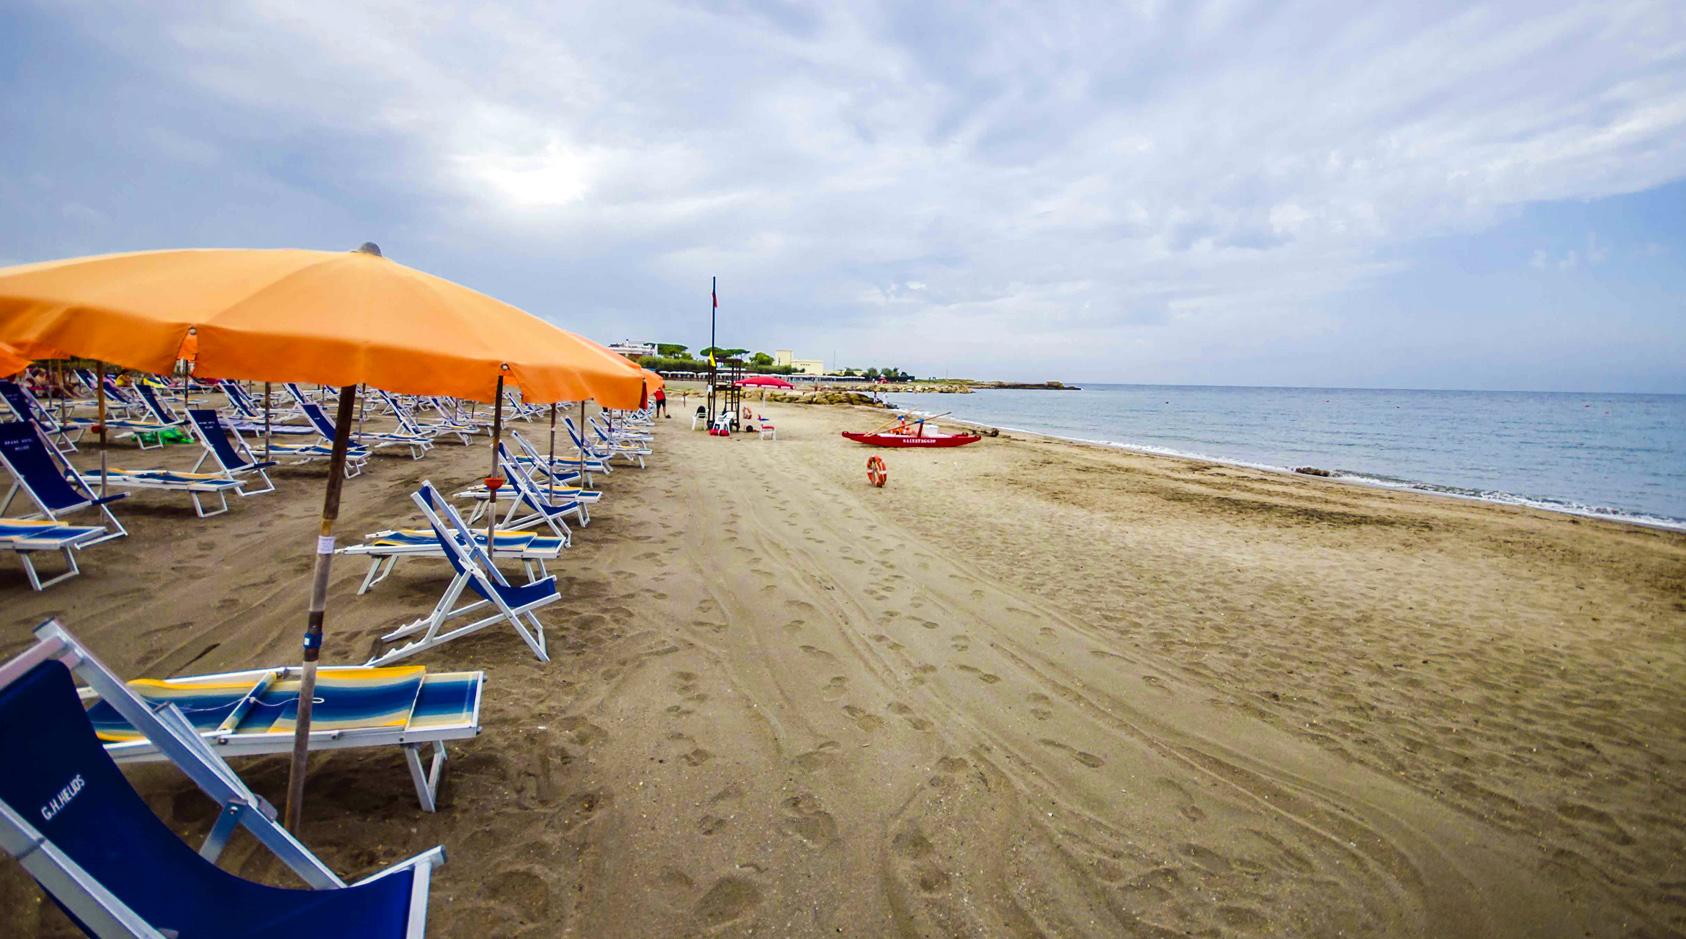 Tarquinia - Spiaggia di Porto Clementino